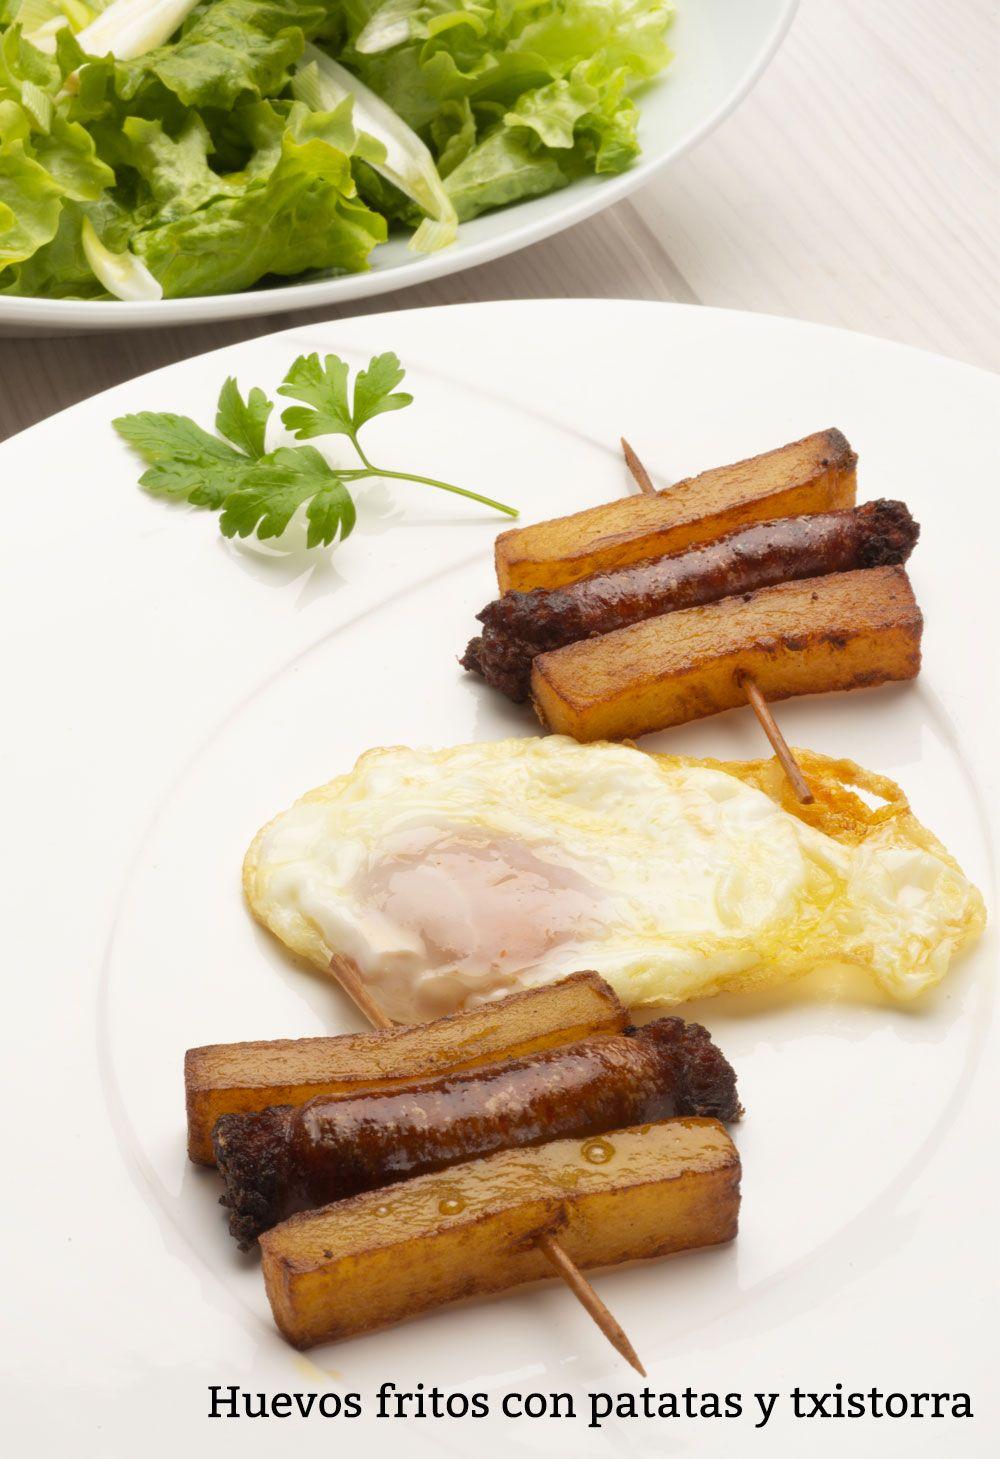 Huevos fritos con patatas y txistorra